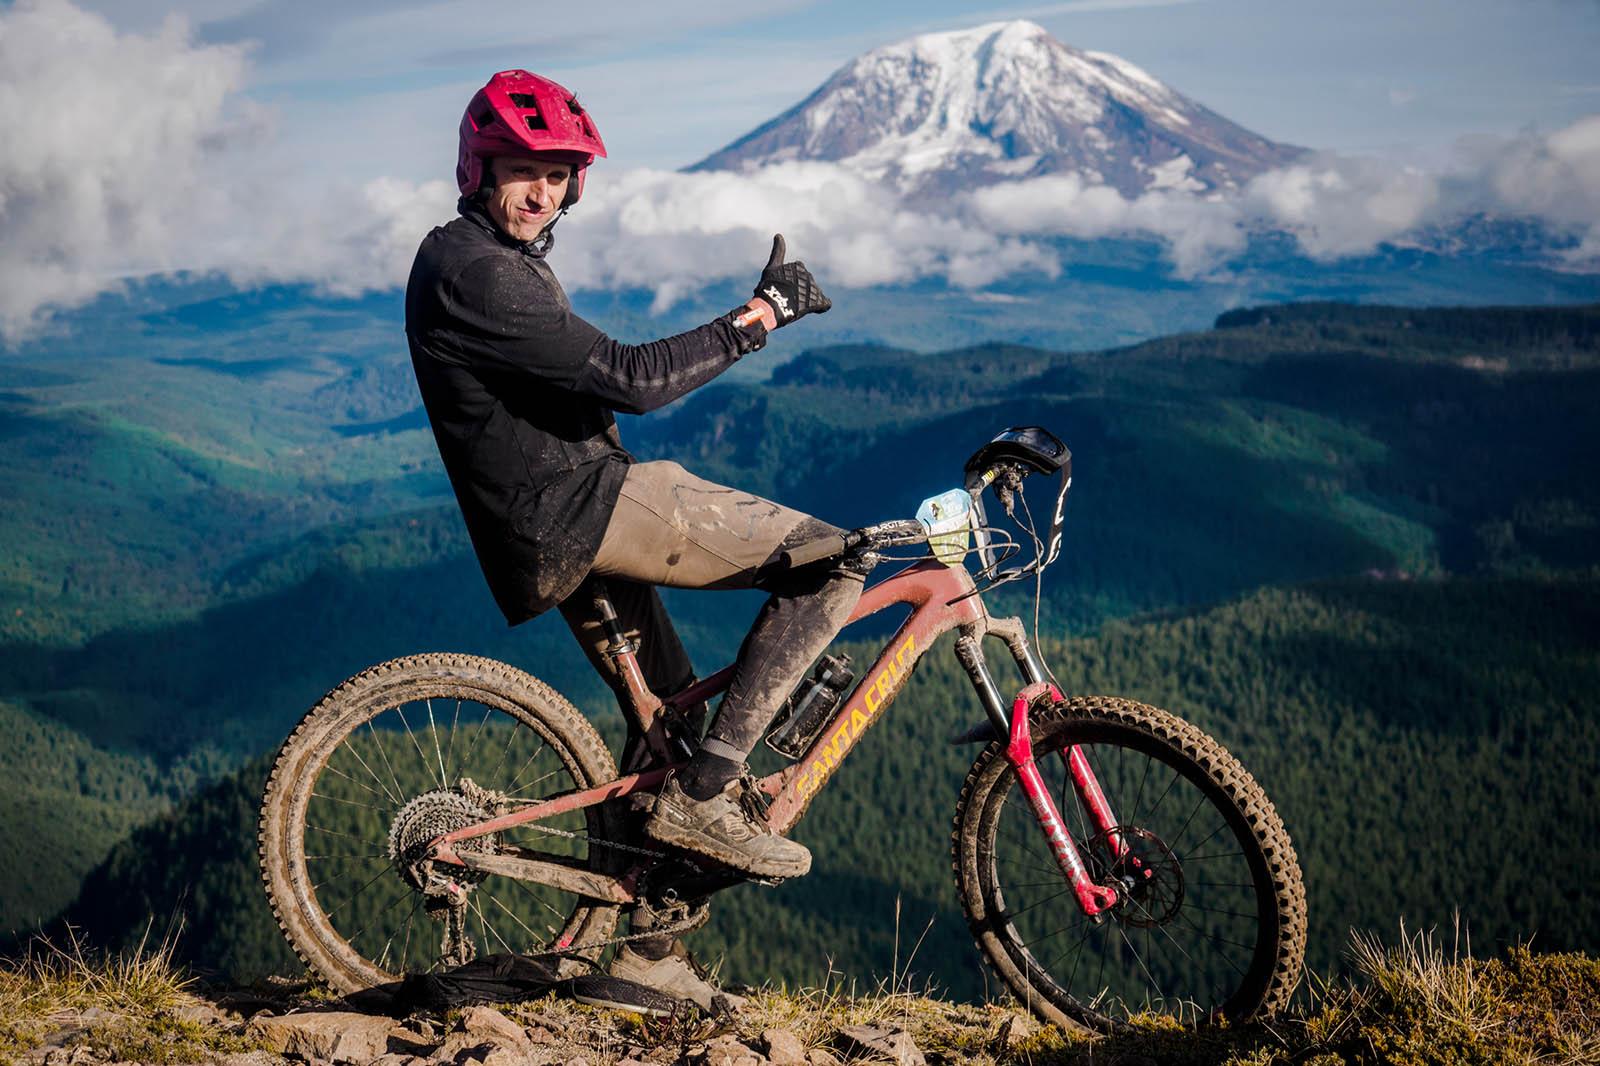 Trans-Cascadia 2019 - The Photo Recap